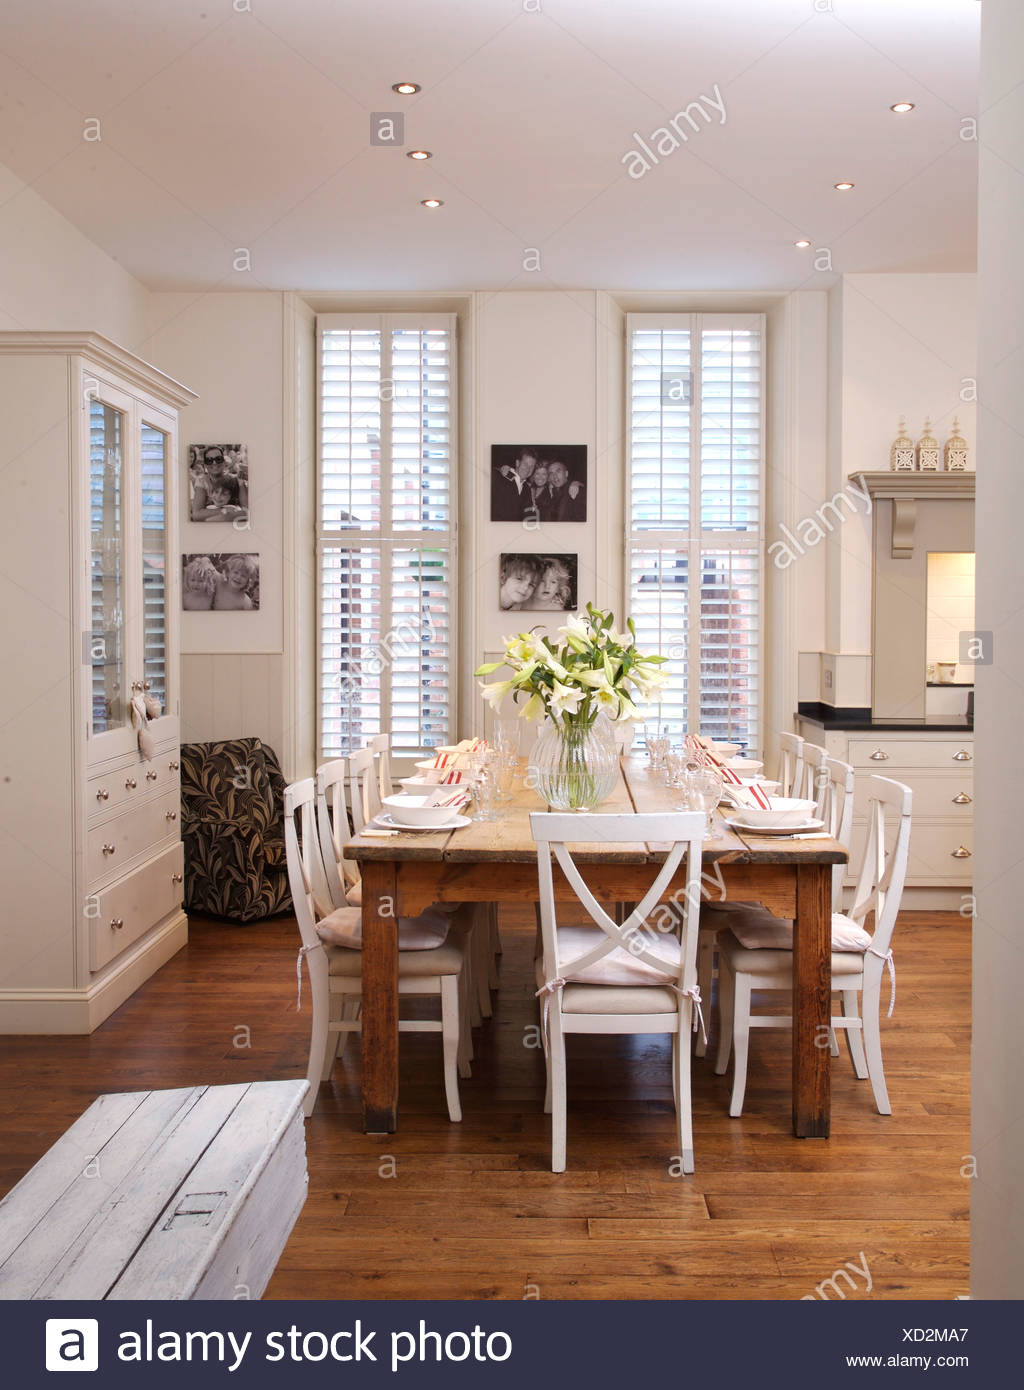 Sedie bianche in legno semplice tabella in bianca e